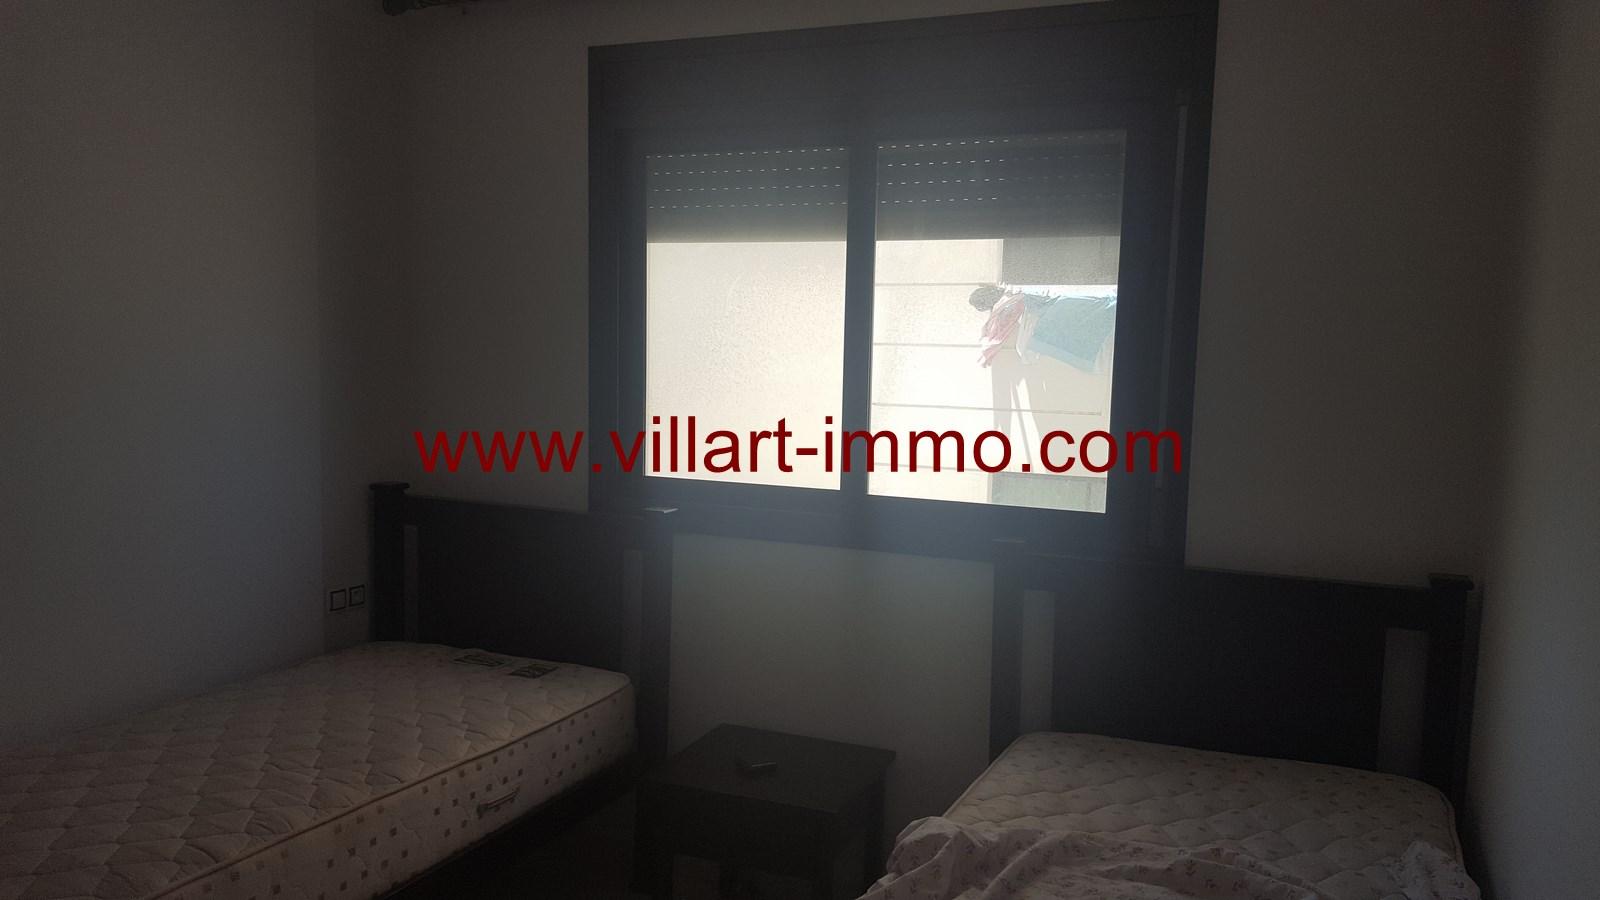 6-a-vendre-appartement-tanger-quartier-playa-chambre-2-va433-villart-immo